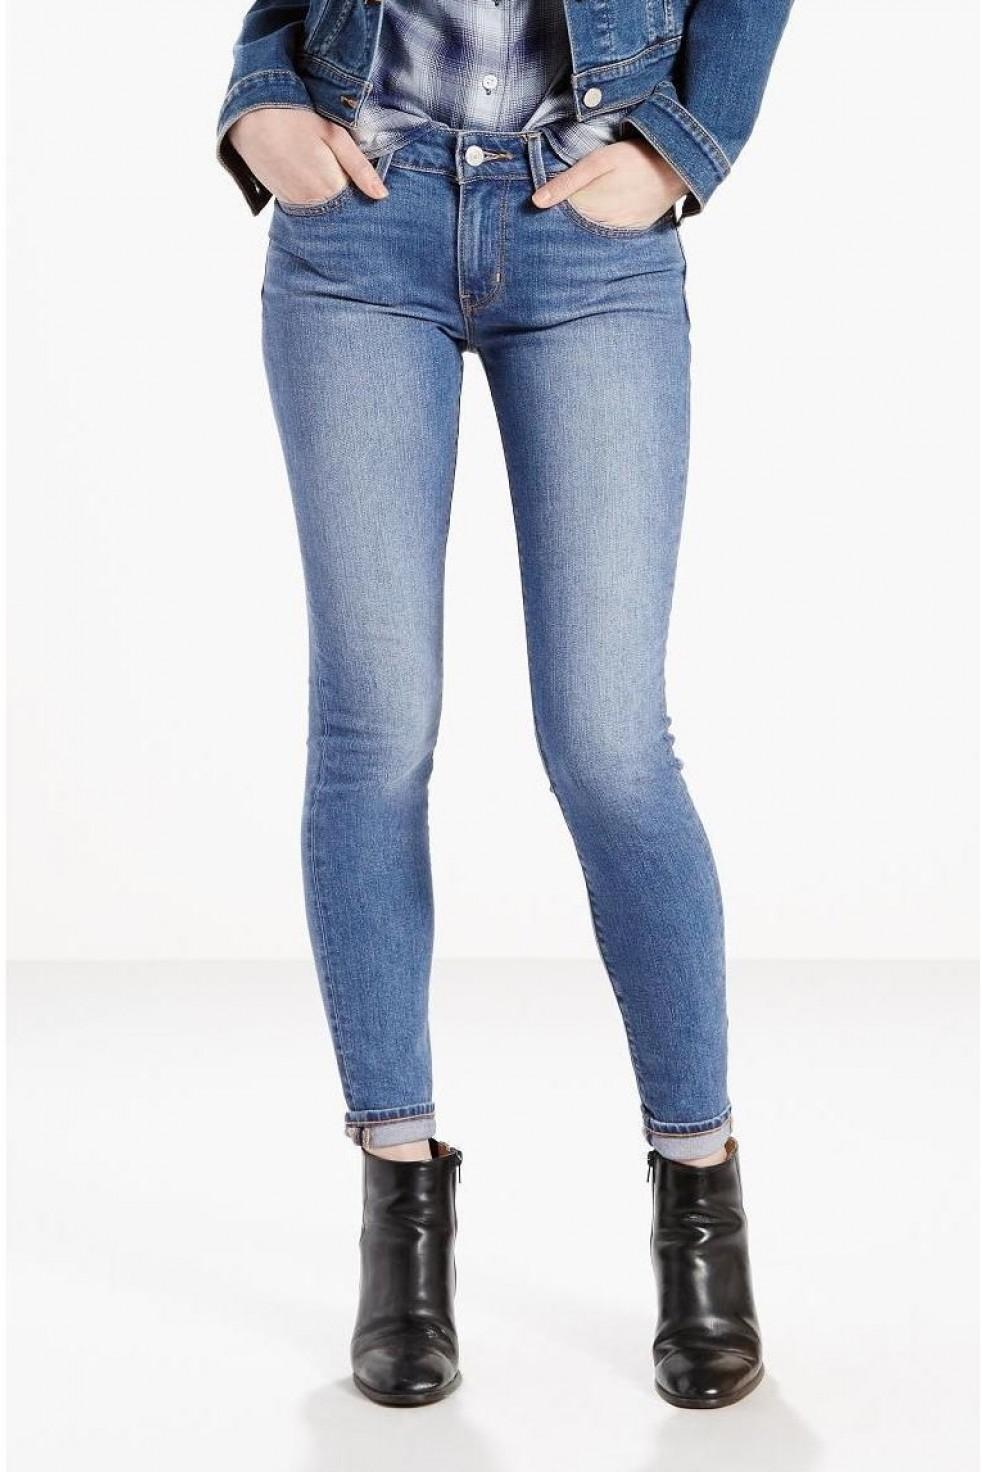 Levis-Bayan-Jean-Pantolon-711-Skinny-18881-00135